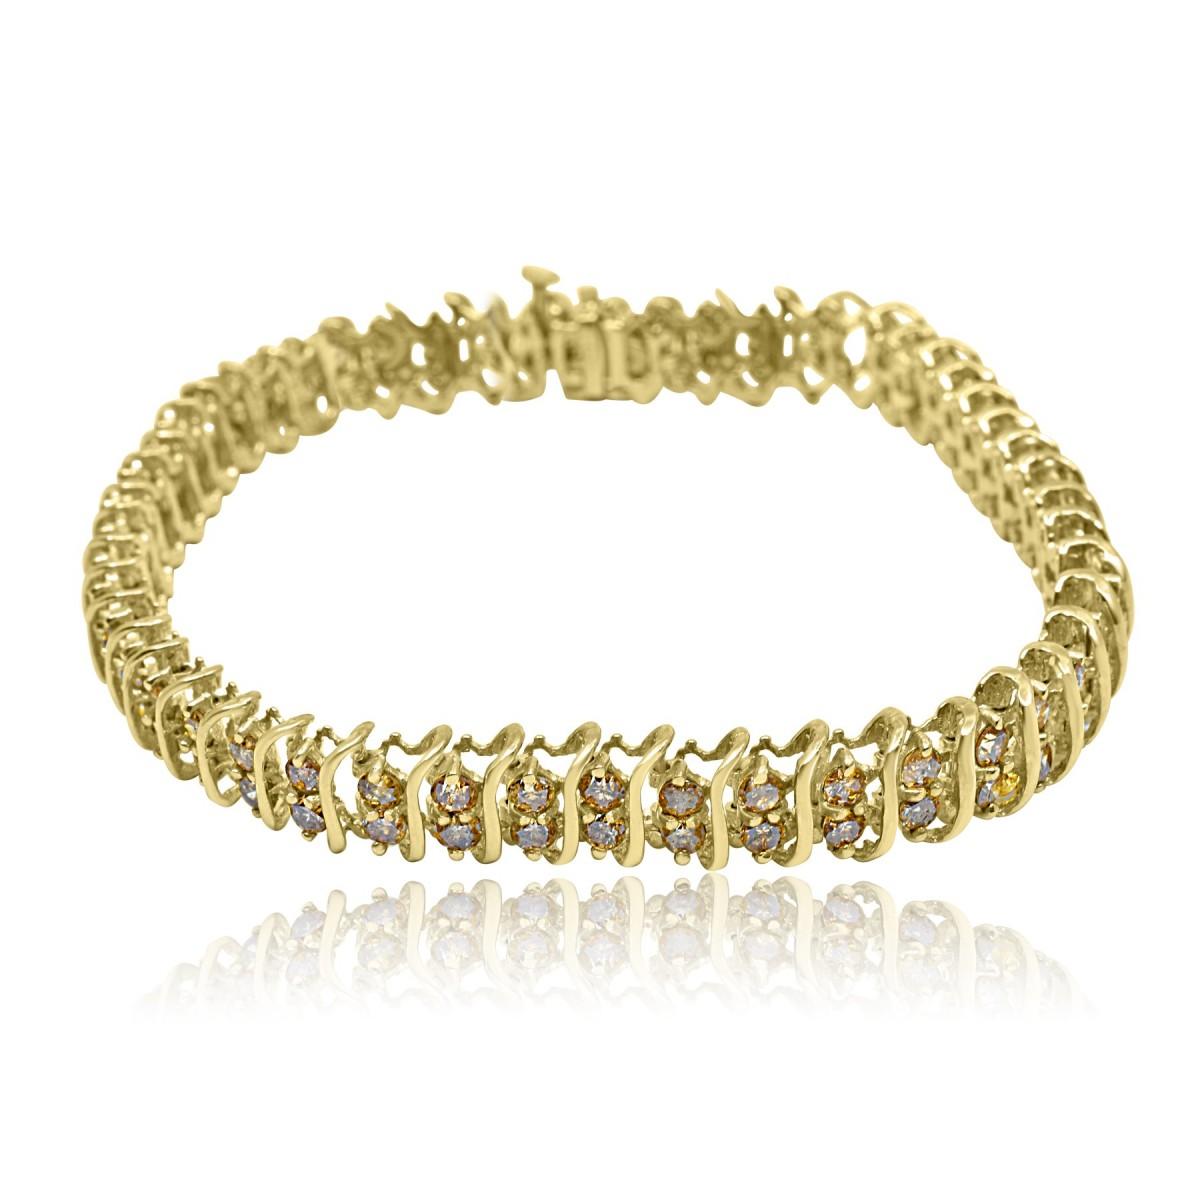 5 00 Carat Diamond Tennis Bracelet In